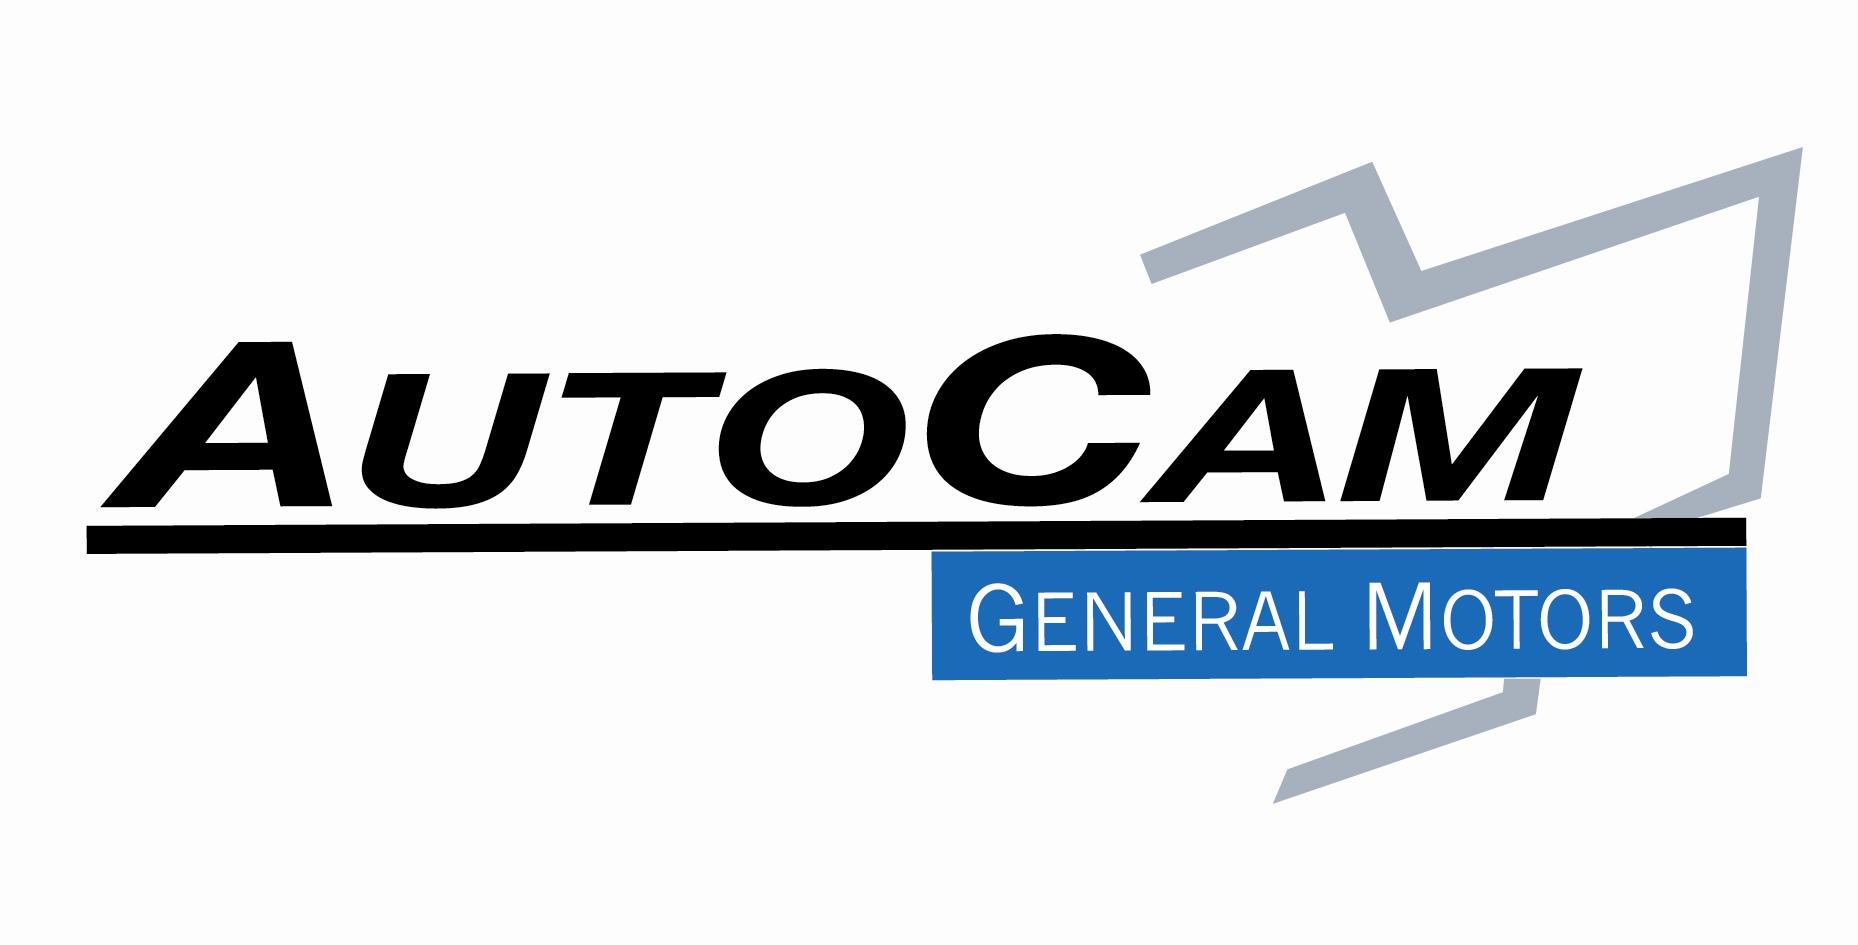 Ver más vehículos de Chevrolet Autocam